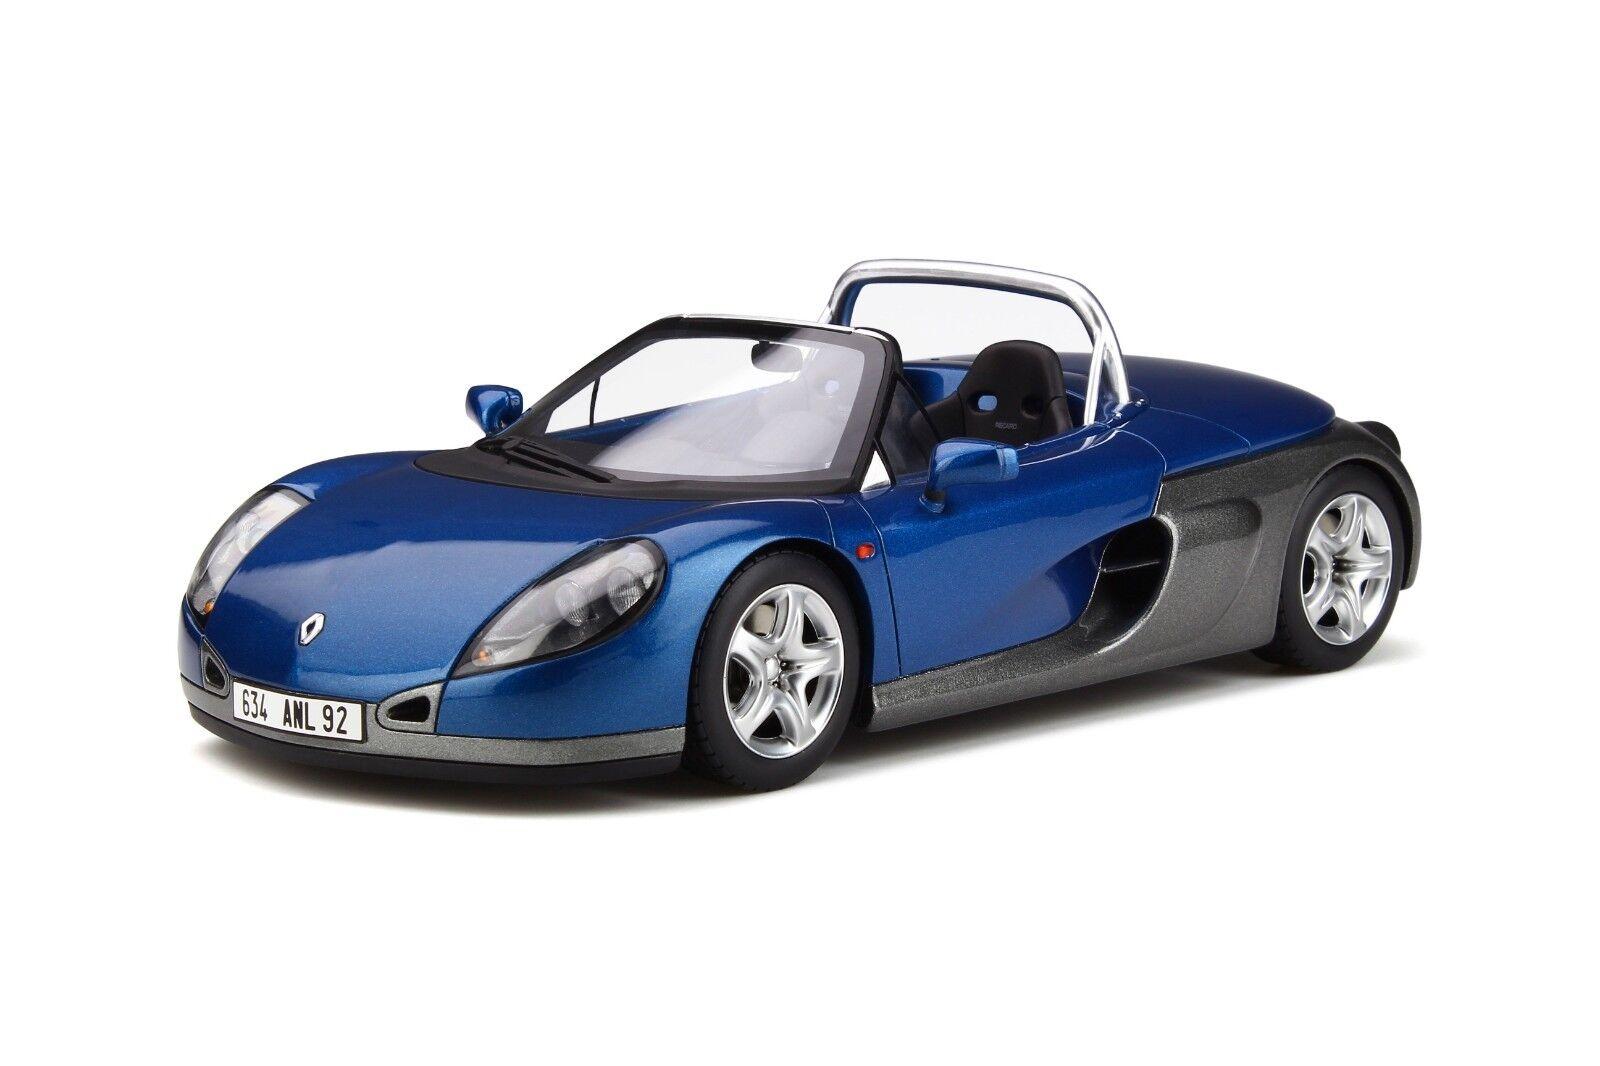 genuina alta calidad Renault Spider    nuevo  Otto ot748  1 18  promocionales de incentivo